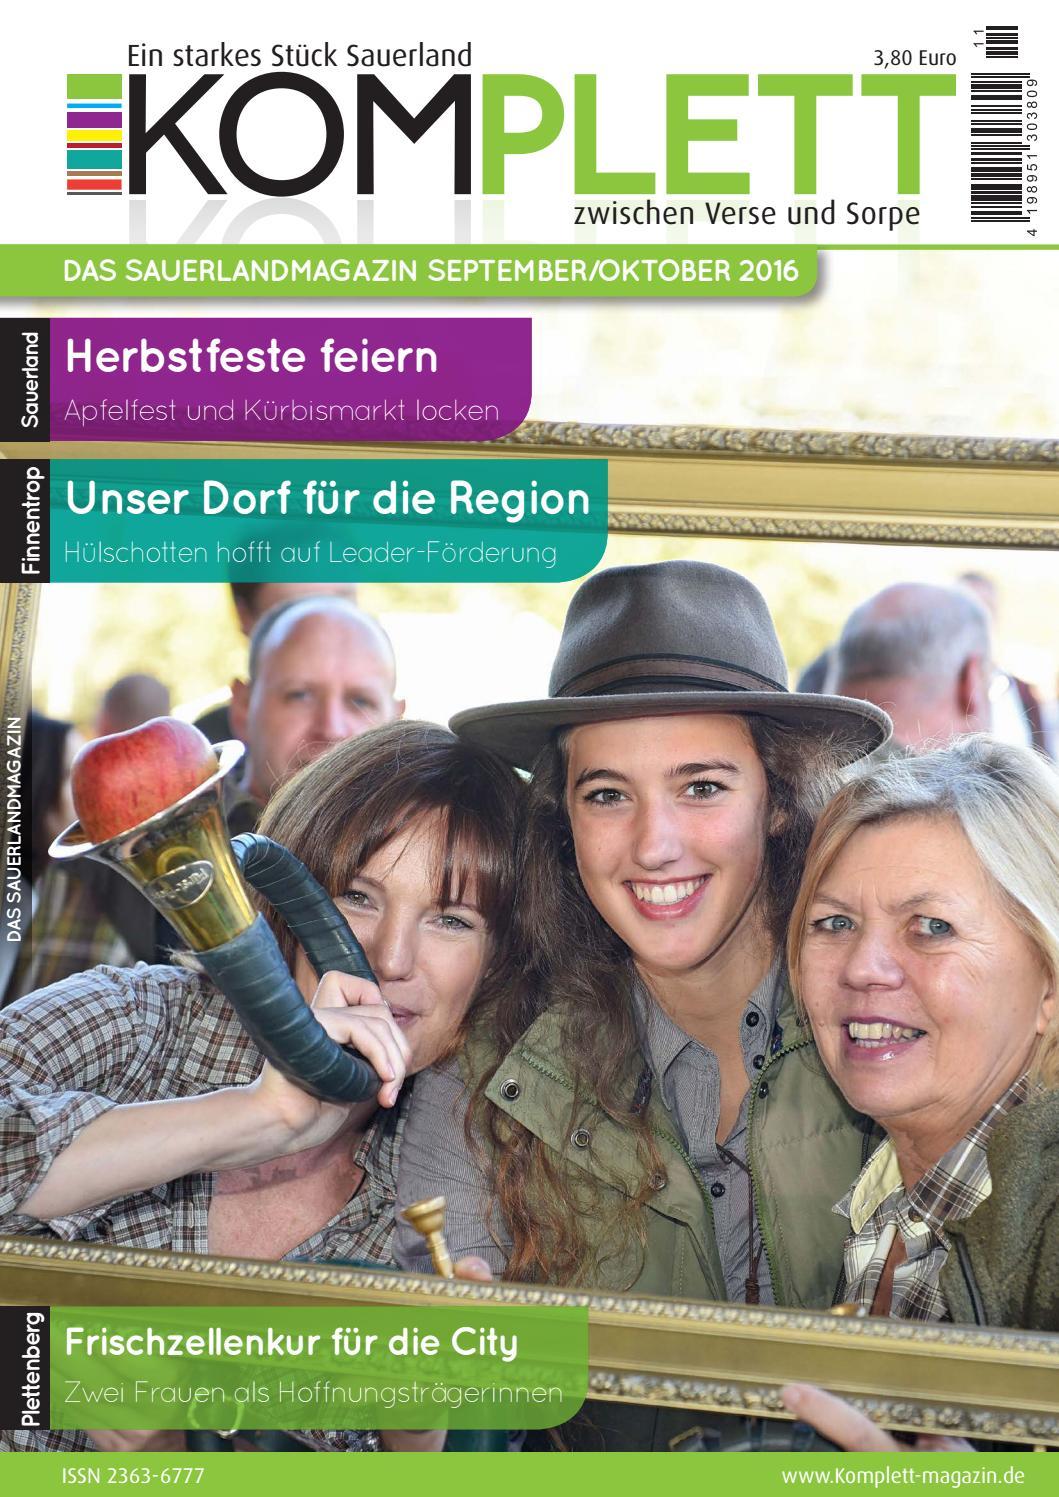 Komplett Das Sauerlandmagazin - die komplette Ausgabe September ...